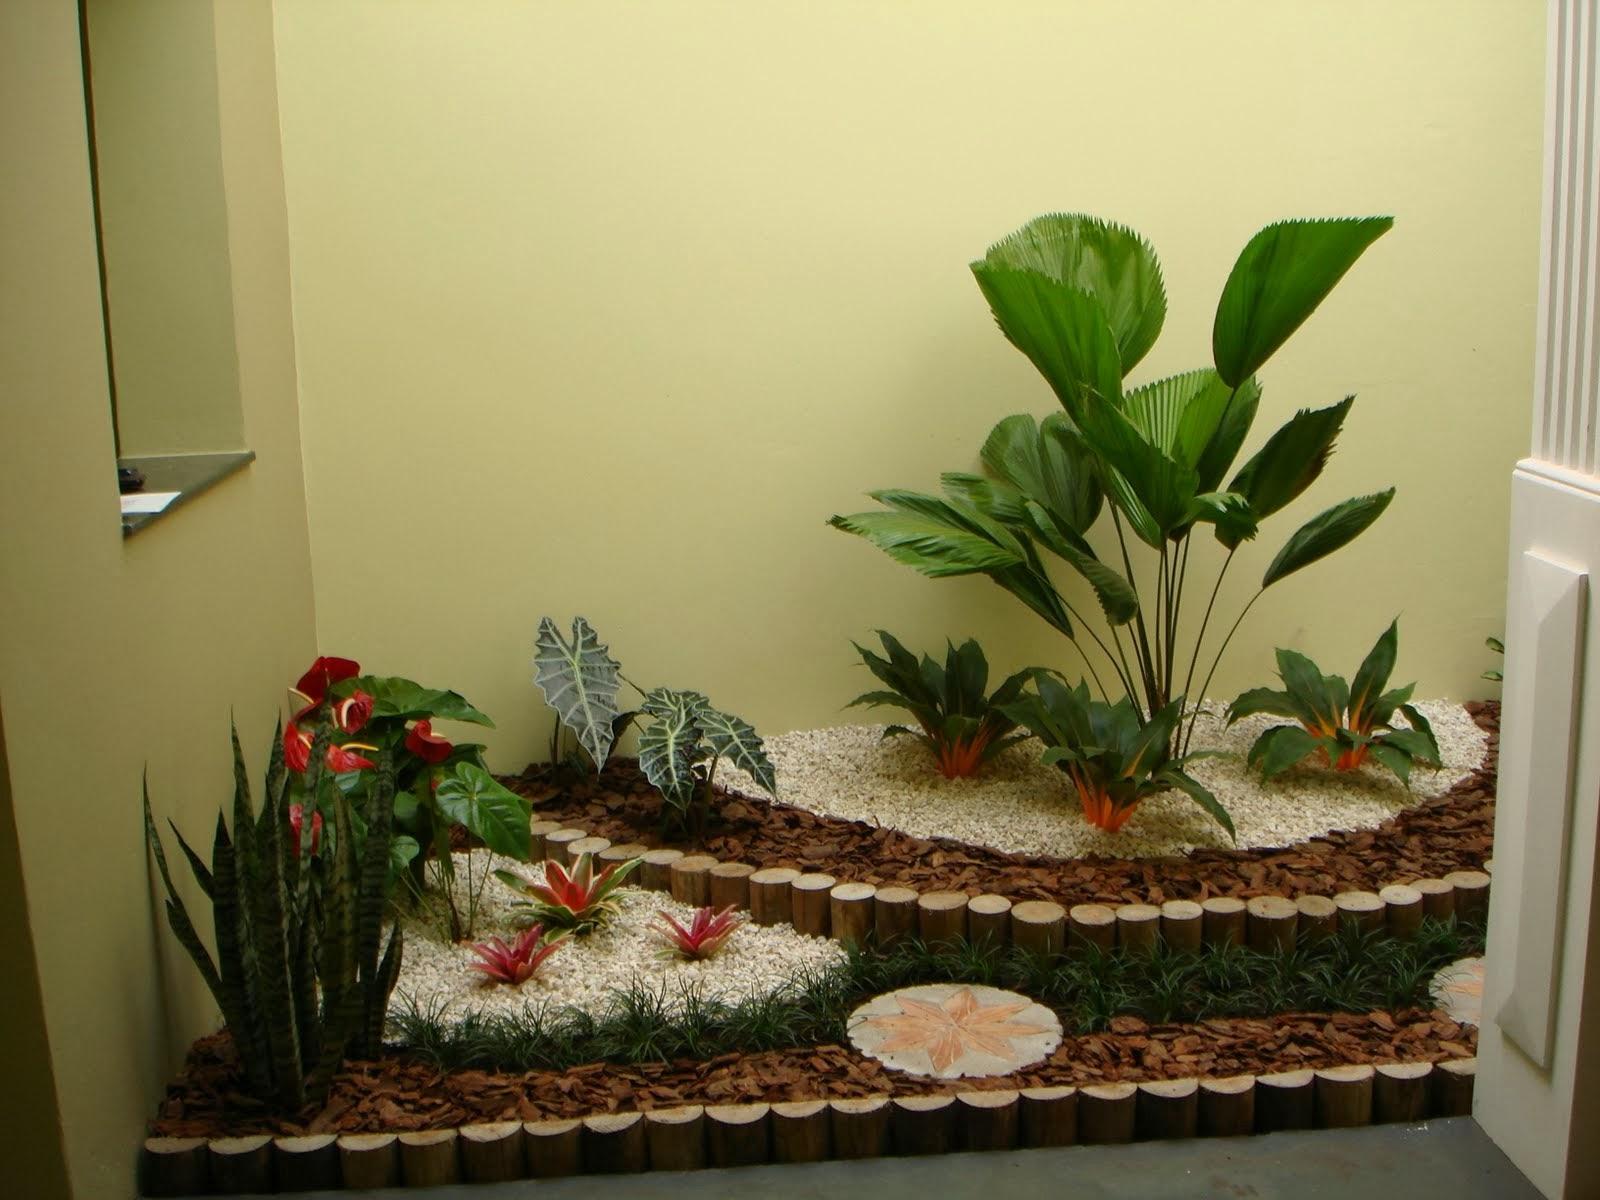 #446118 Jardim de Inverno veja modelos dicas e sugestões de quais planta  1600x1200 px Banheiros Pequenos Com Jardim 521